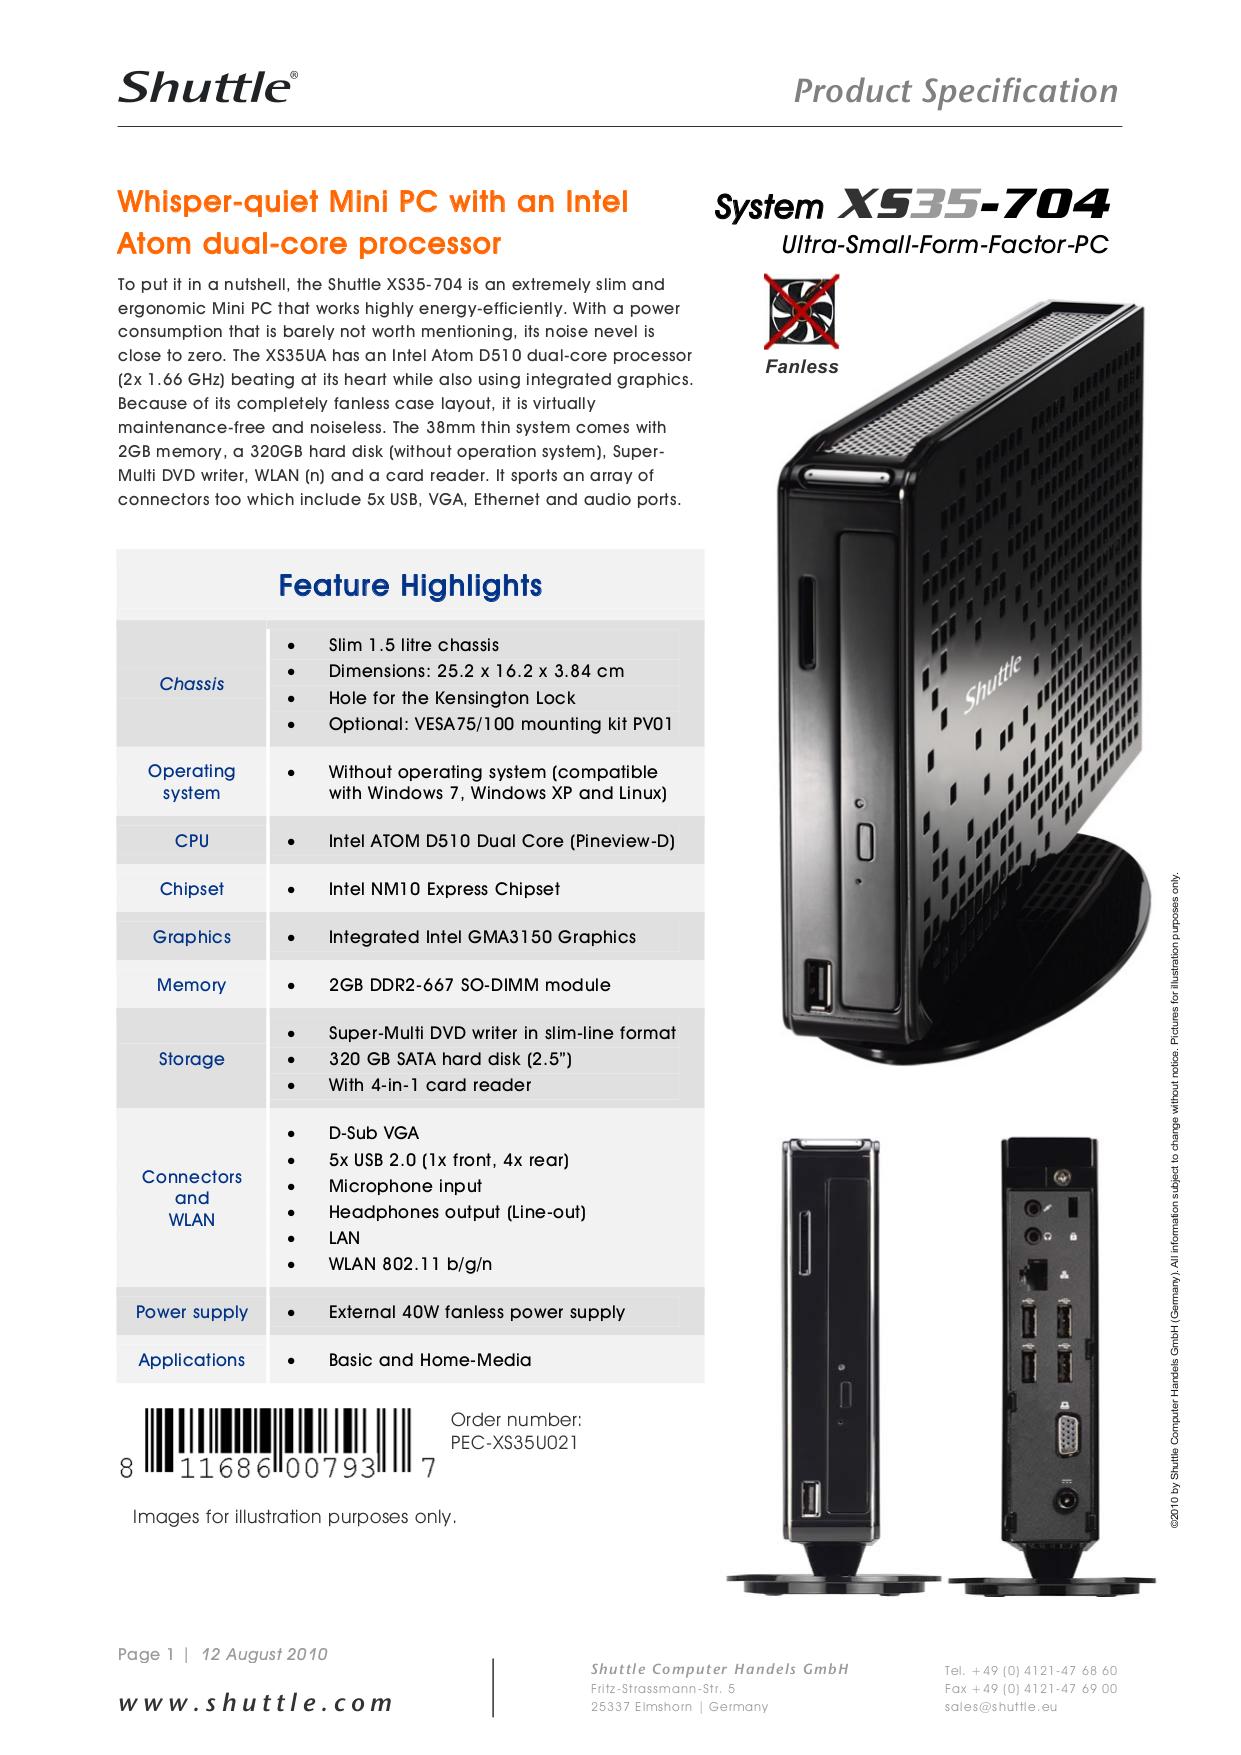 pdf for Shuttle Desktop XS35GT manual